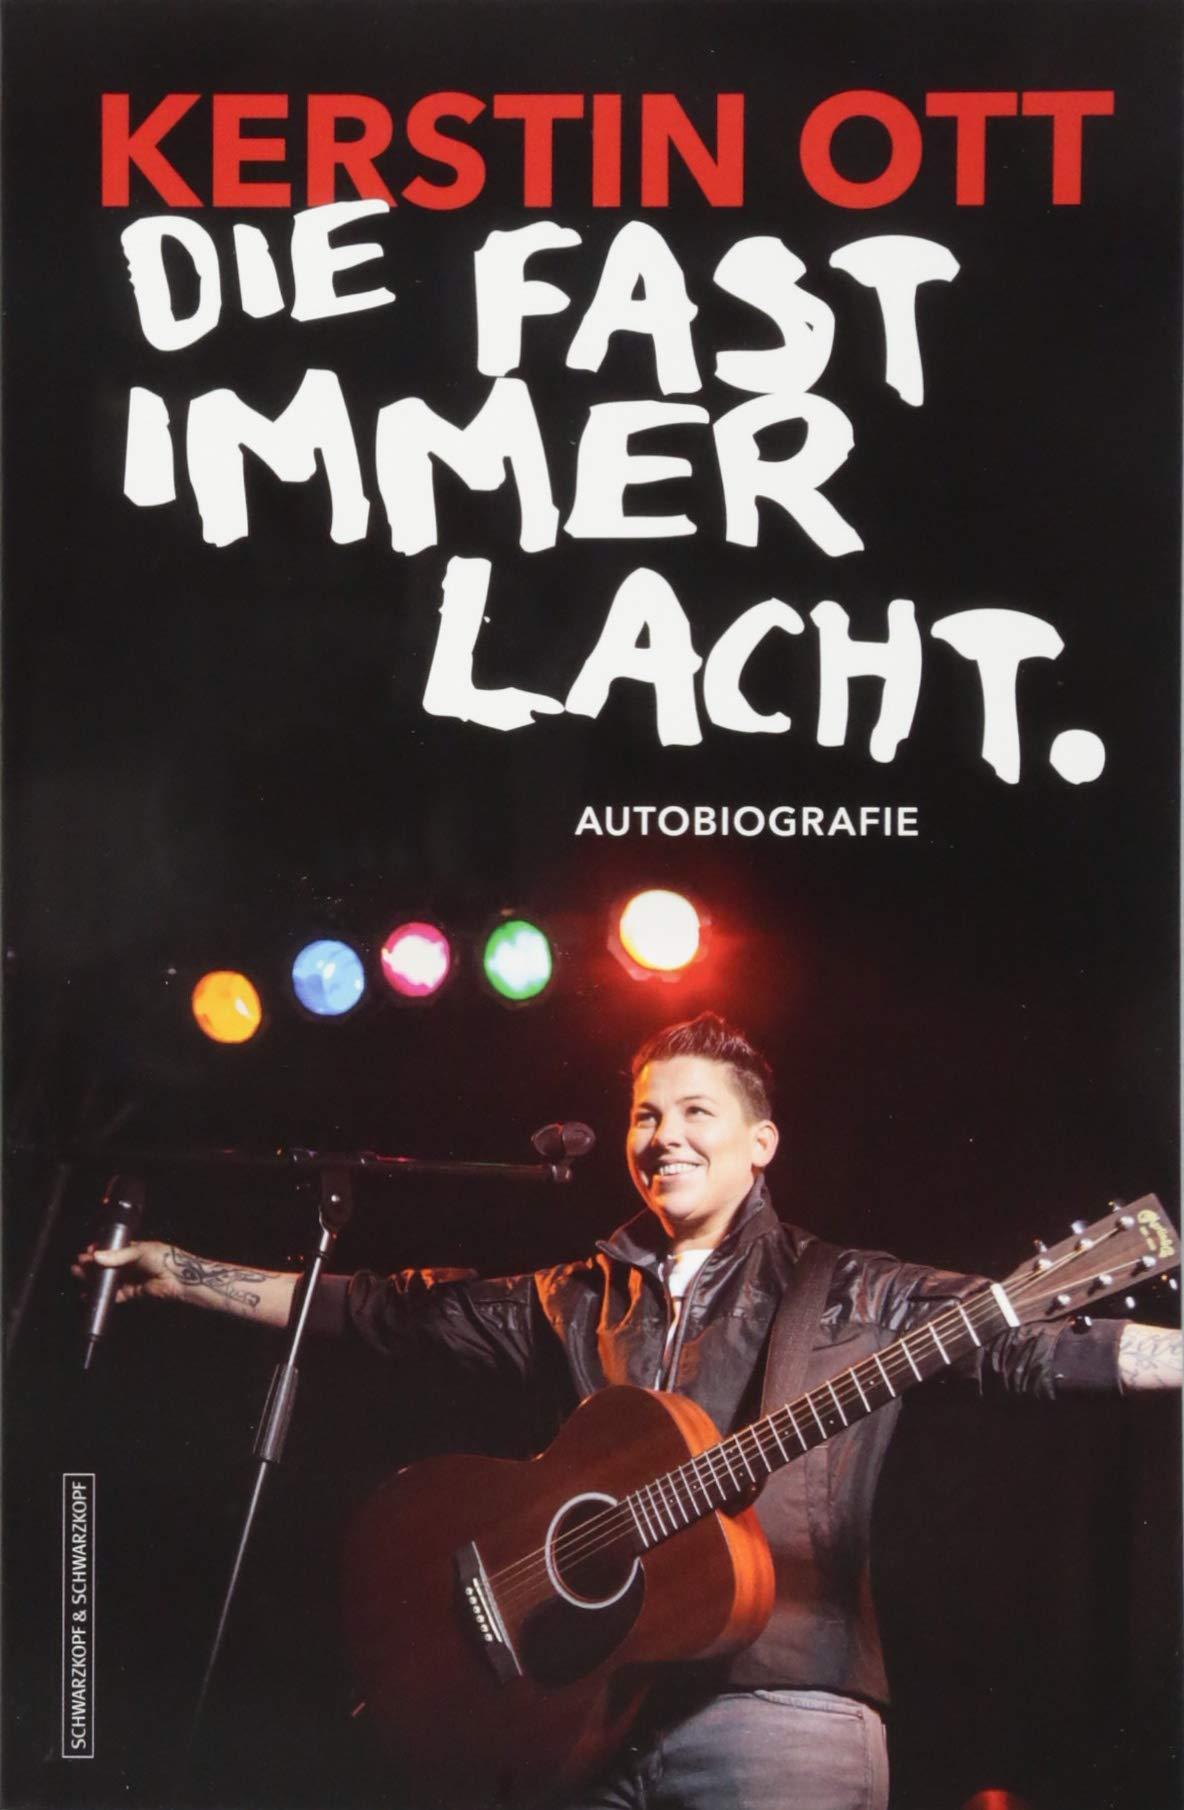 Kerstin Ott Die Fast Immer Lacht Autobiografie Amazonde Kerstin